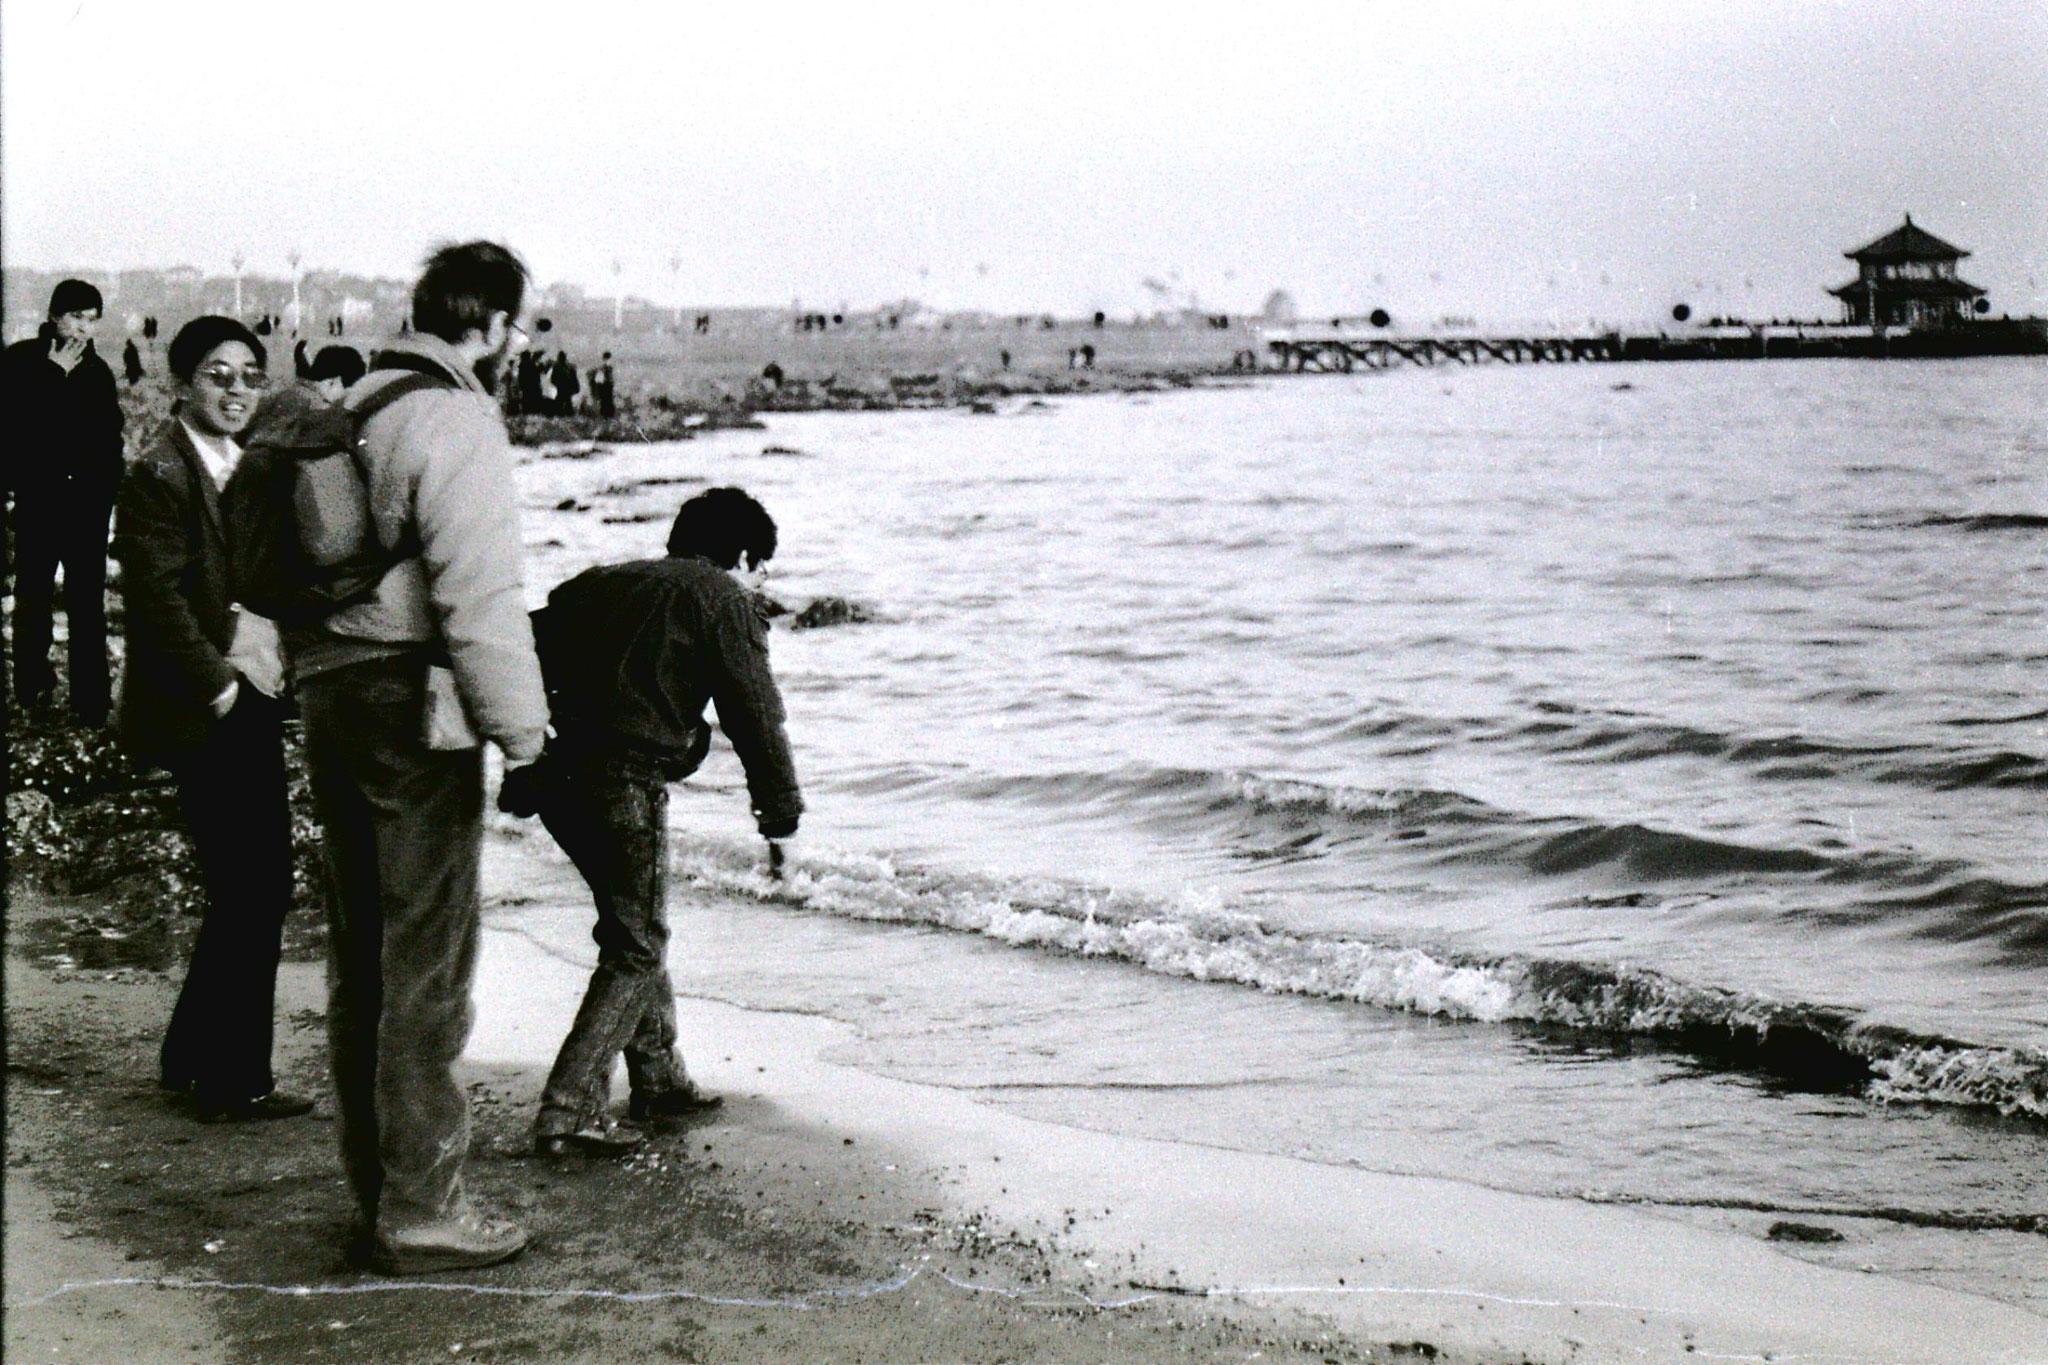 13/2/1989: 20: Qingdao